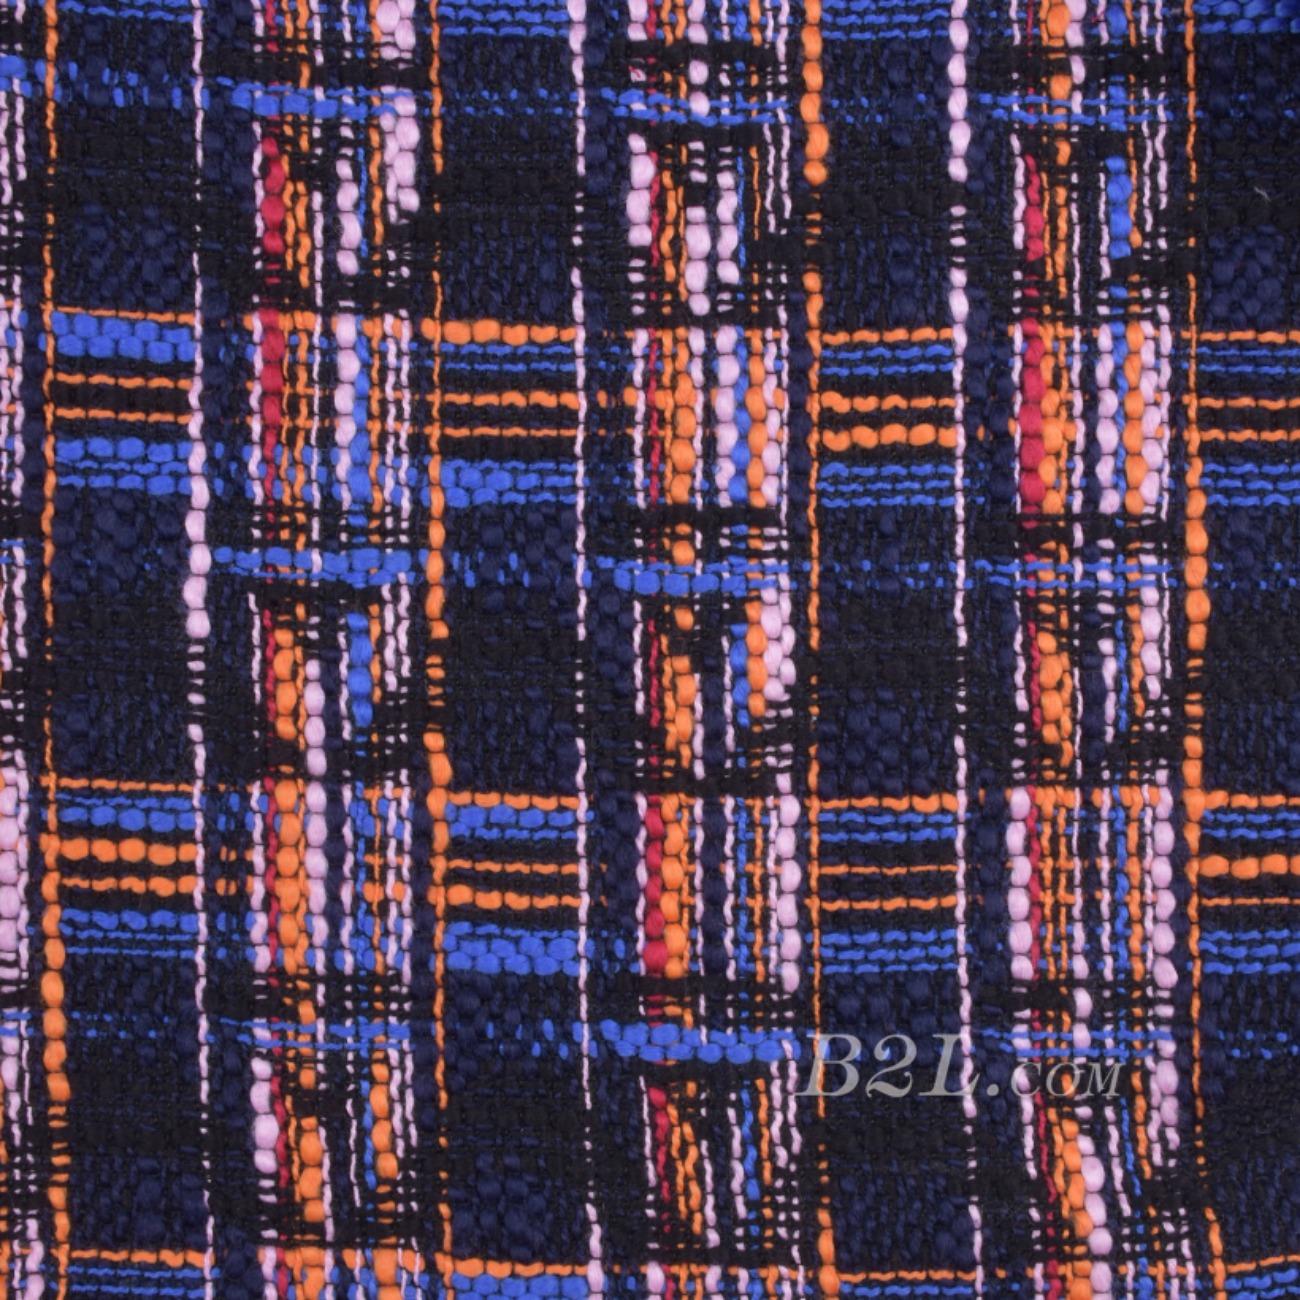 毛纺 粗纺 格子 粗花呢 提花 色织 无弹 粗糙 秋冬 大衣 外套 女装 80907-5